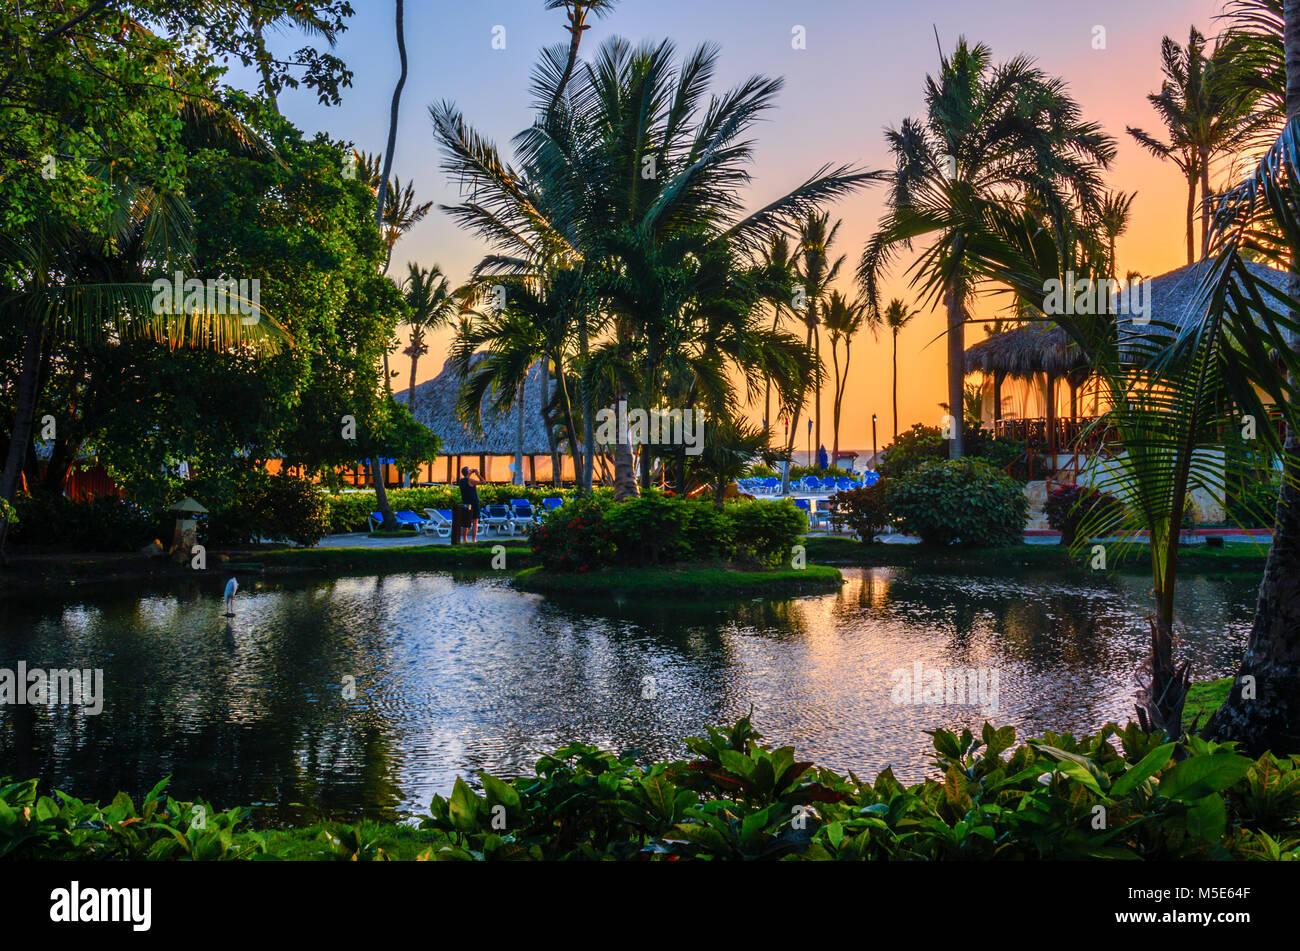 Bunte tropische Dämmerung mit Teich und Palmen, weiße Pelikan und strohgedeckten Hütten im Resort Stockbild